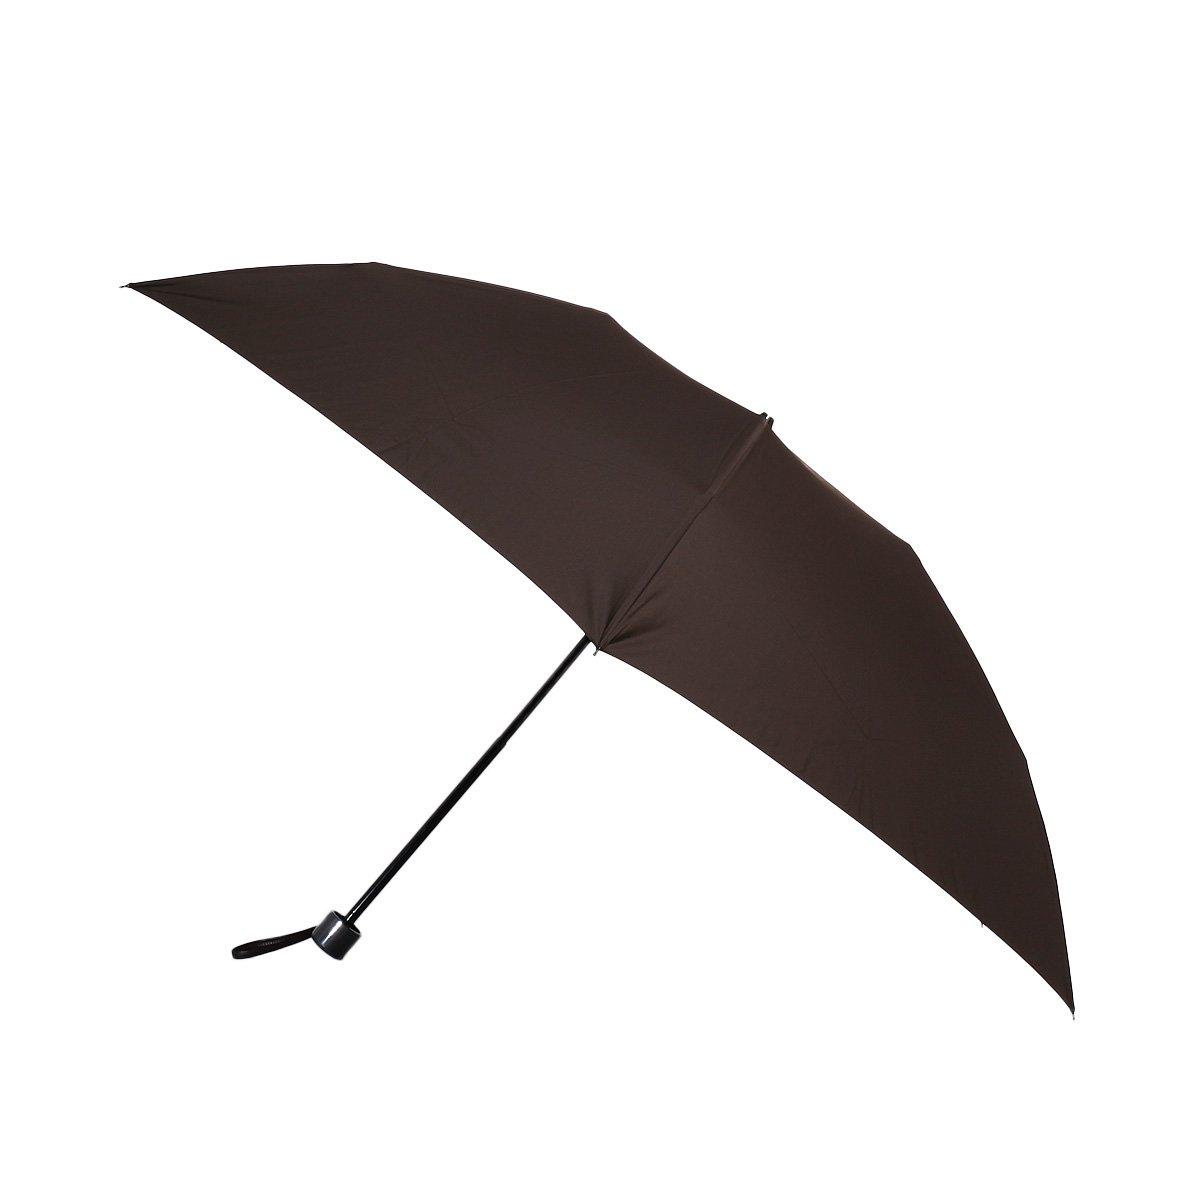 強力撥水 レインドロップ レクタス 折りたたみ傘 詳細画像5